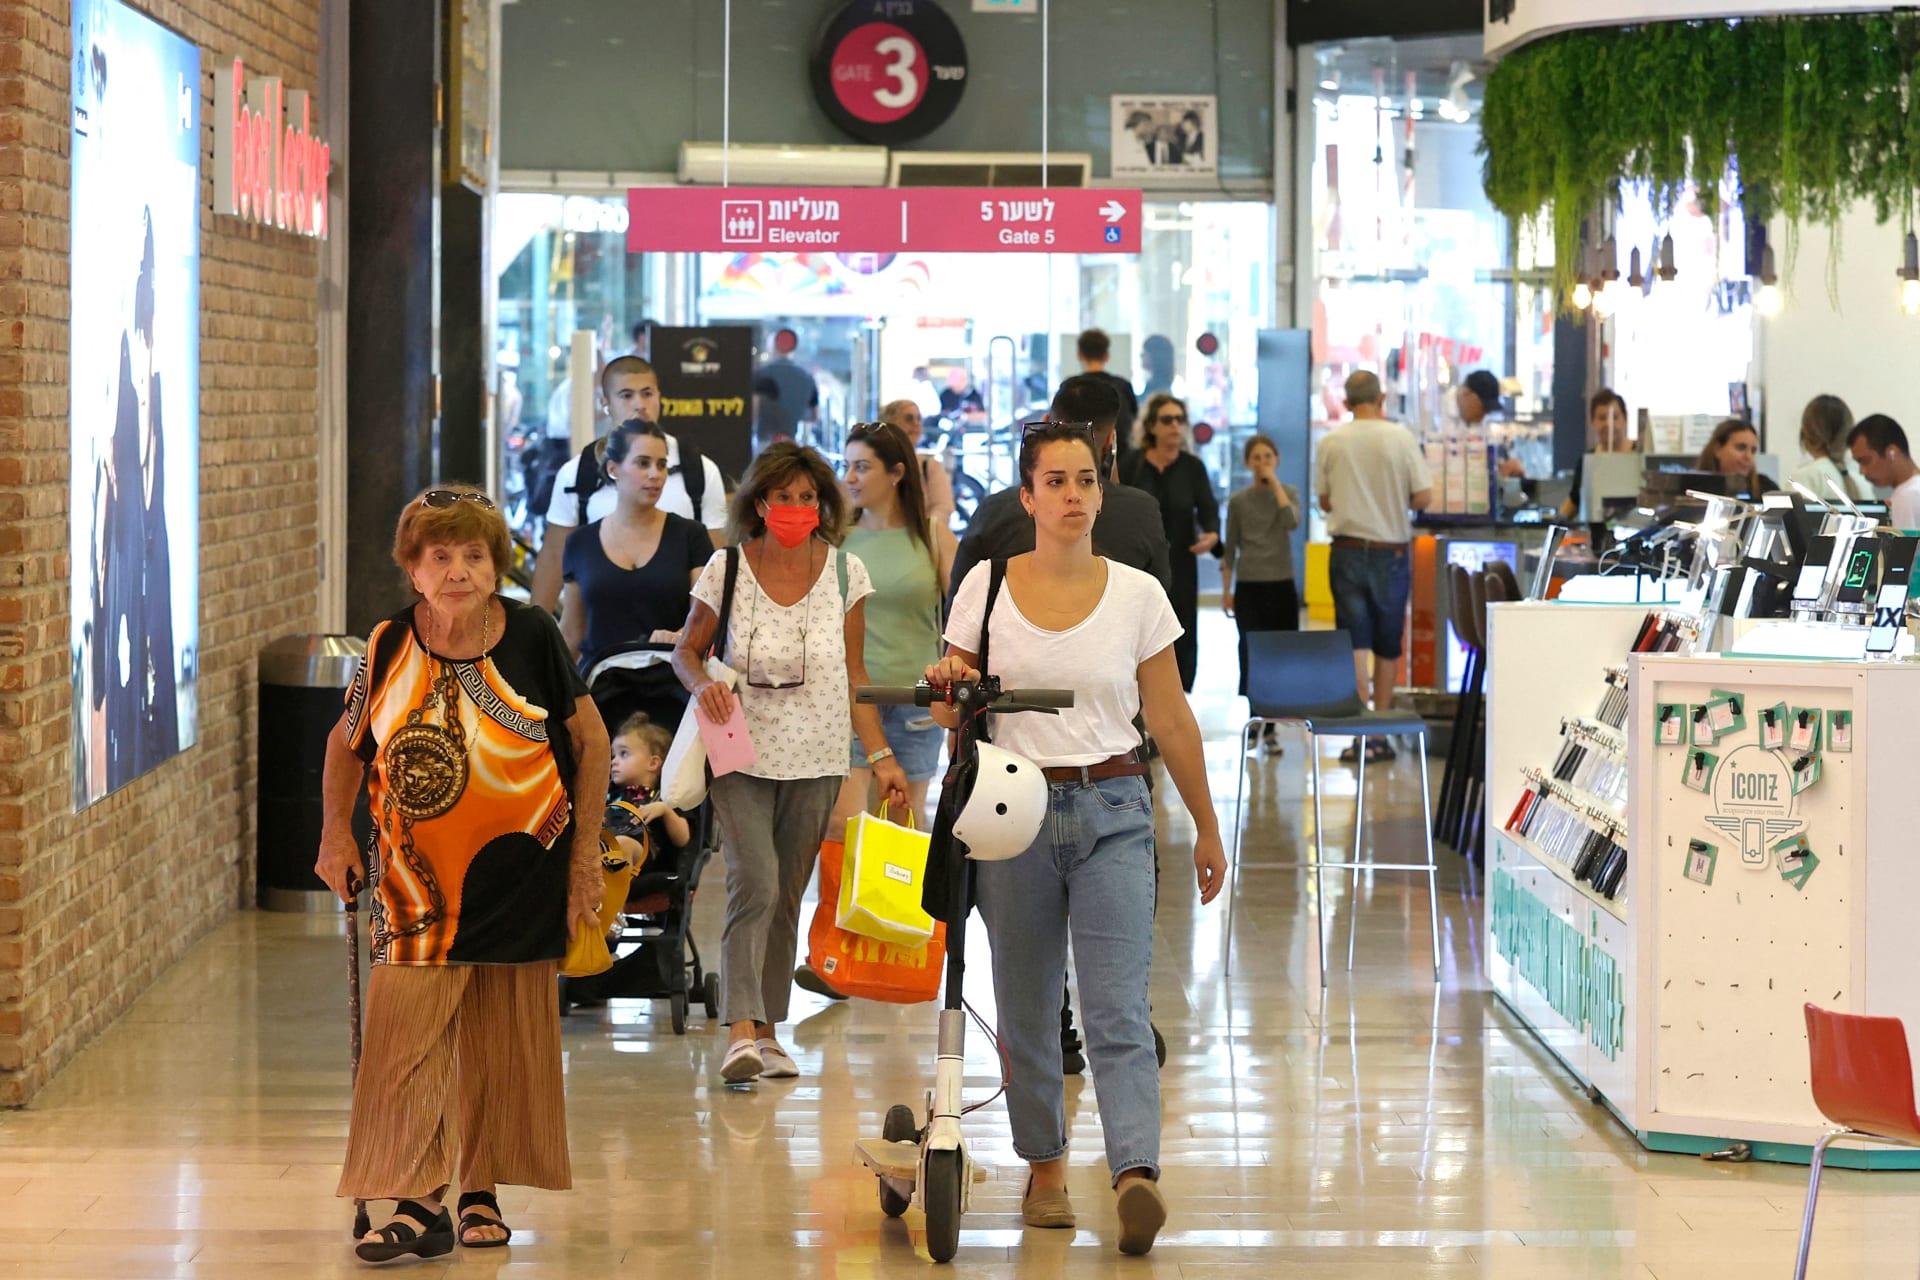 متسوقون بلا أقنعة يمشون في مركز ديزنغوف للتسوق في مدينة تل أبيب الساحلية الإسرائيلية في 15 يونيو 2021